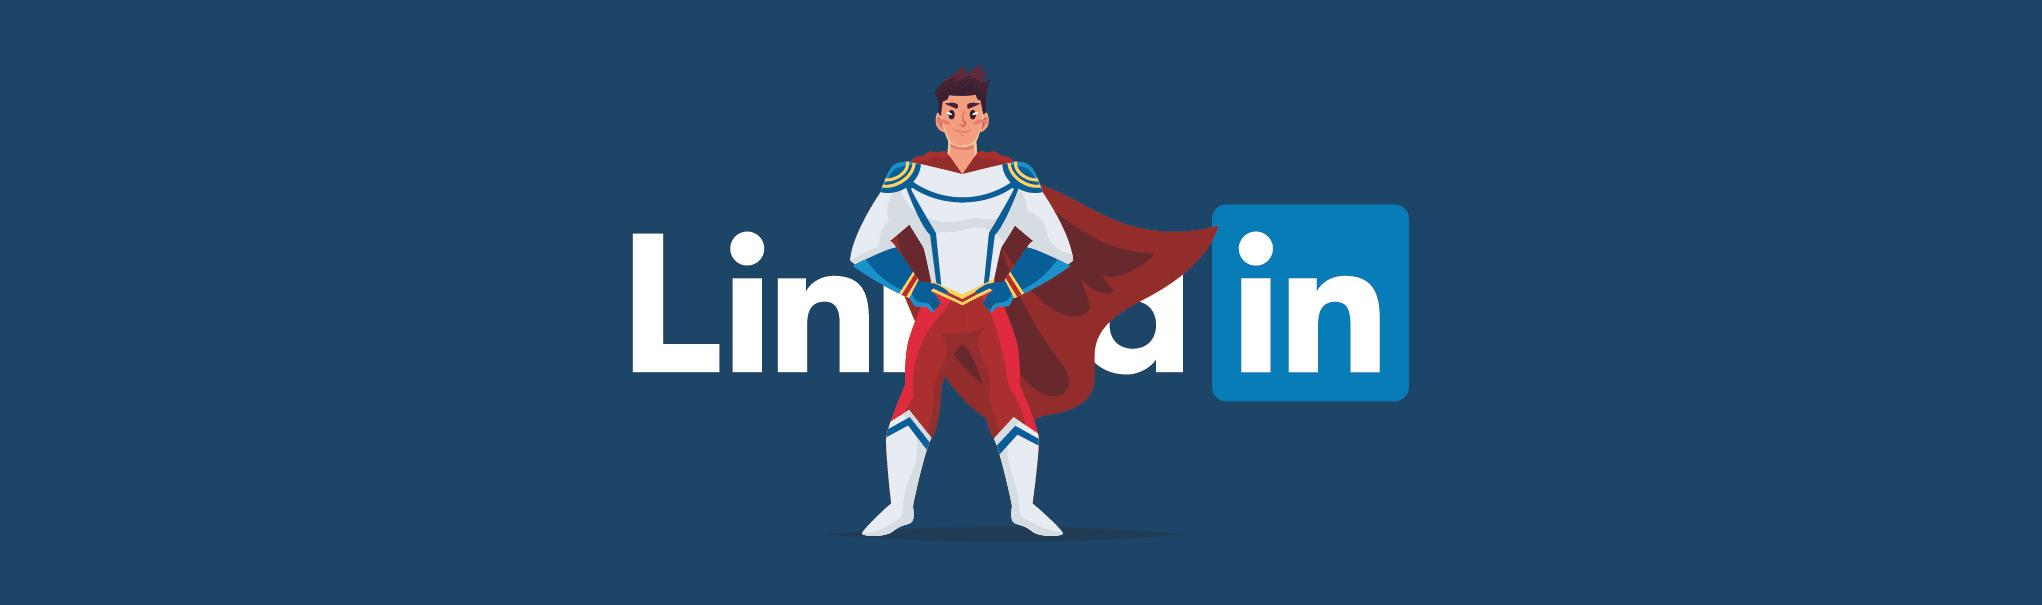 In questo articolo andremo a vedere la ricetta per un personal branding su LinkedIn vincente